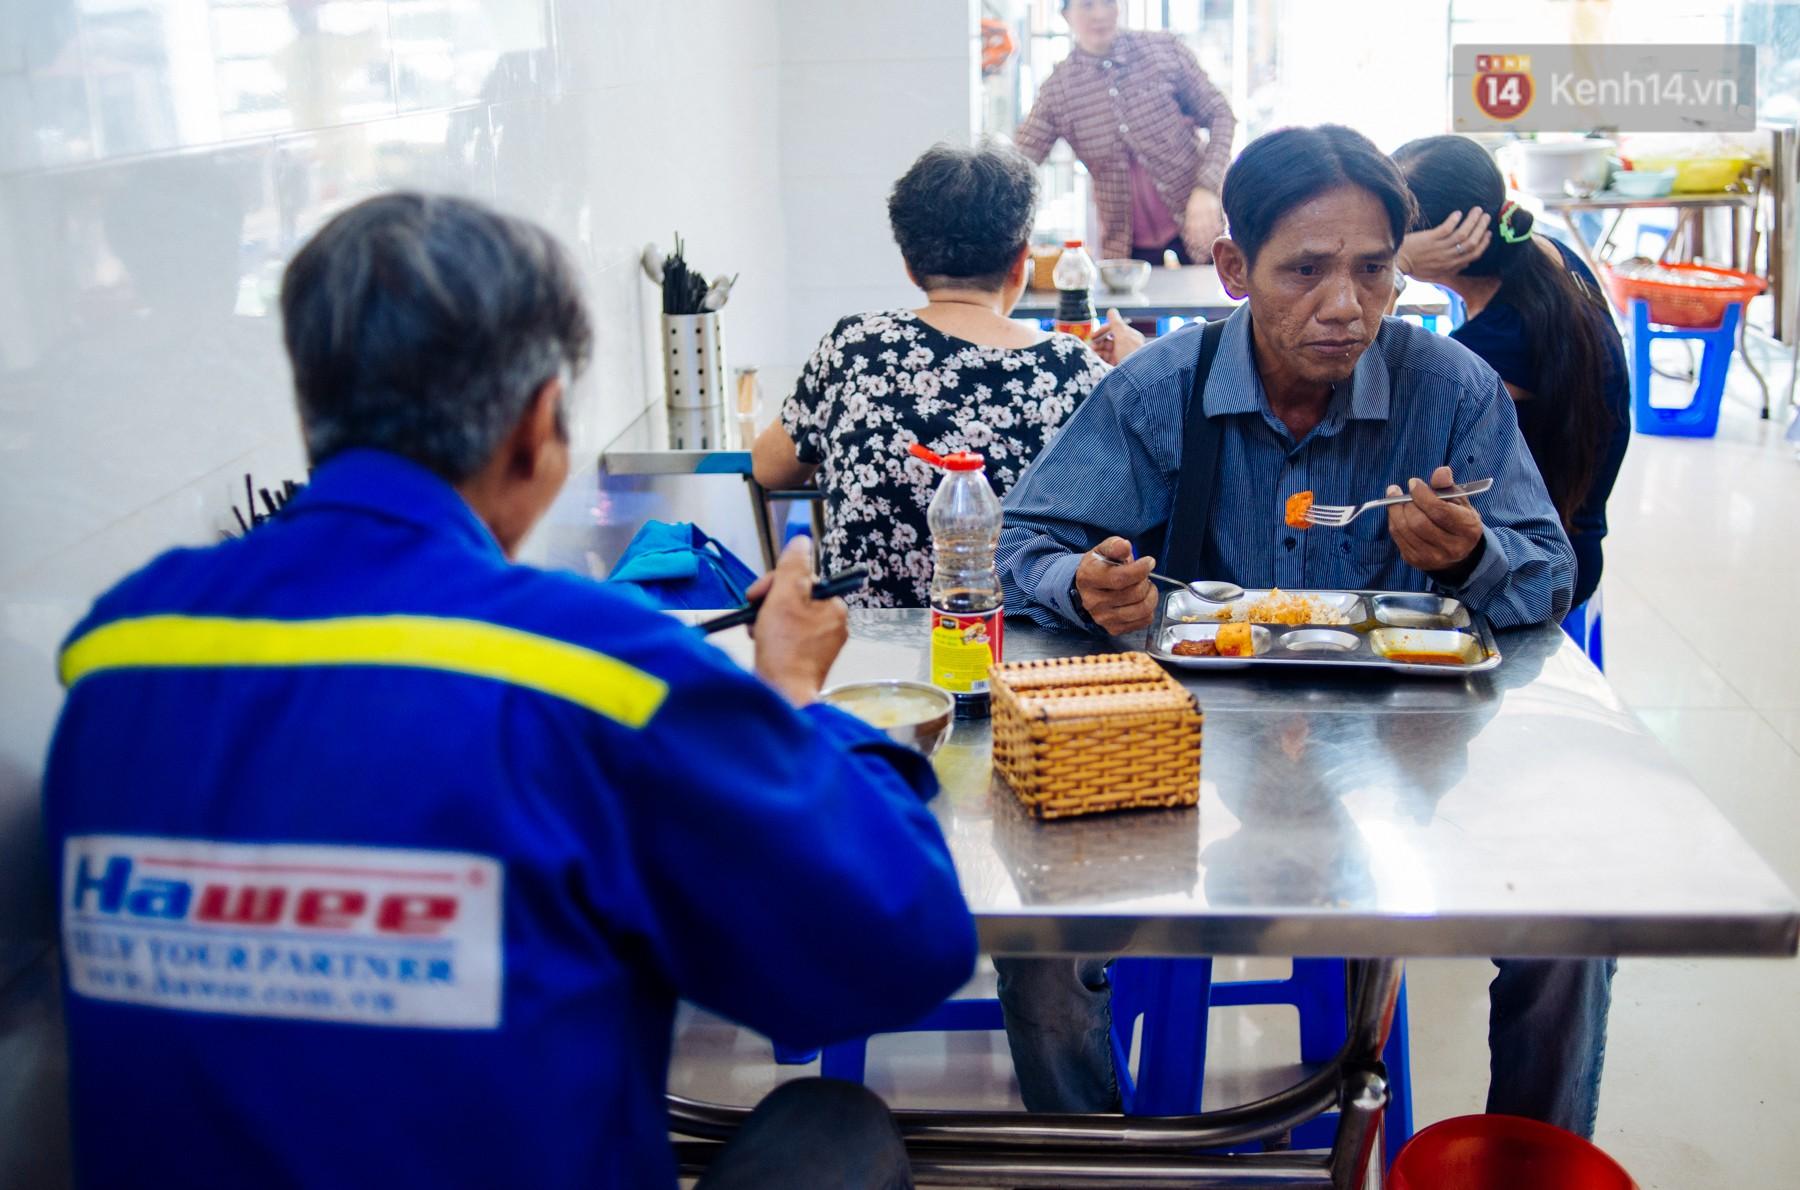 Giàu như anh bán chuối chiên Sài Gòn: Mở quán cơm 5k cho người thu nhập chưa cao, 5 năm đắt hàng - Ảnh 4.